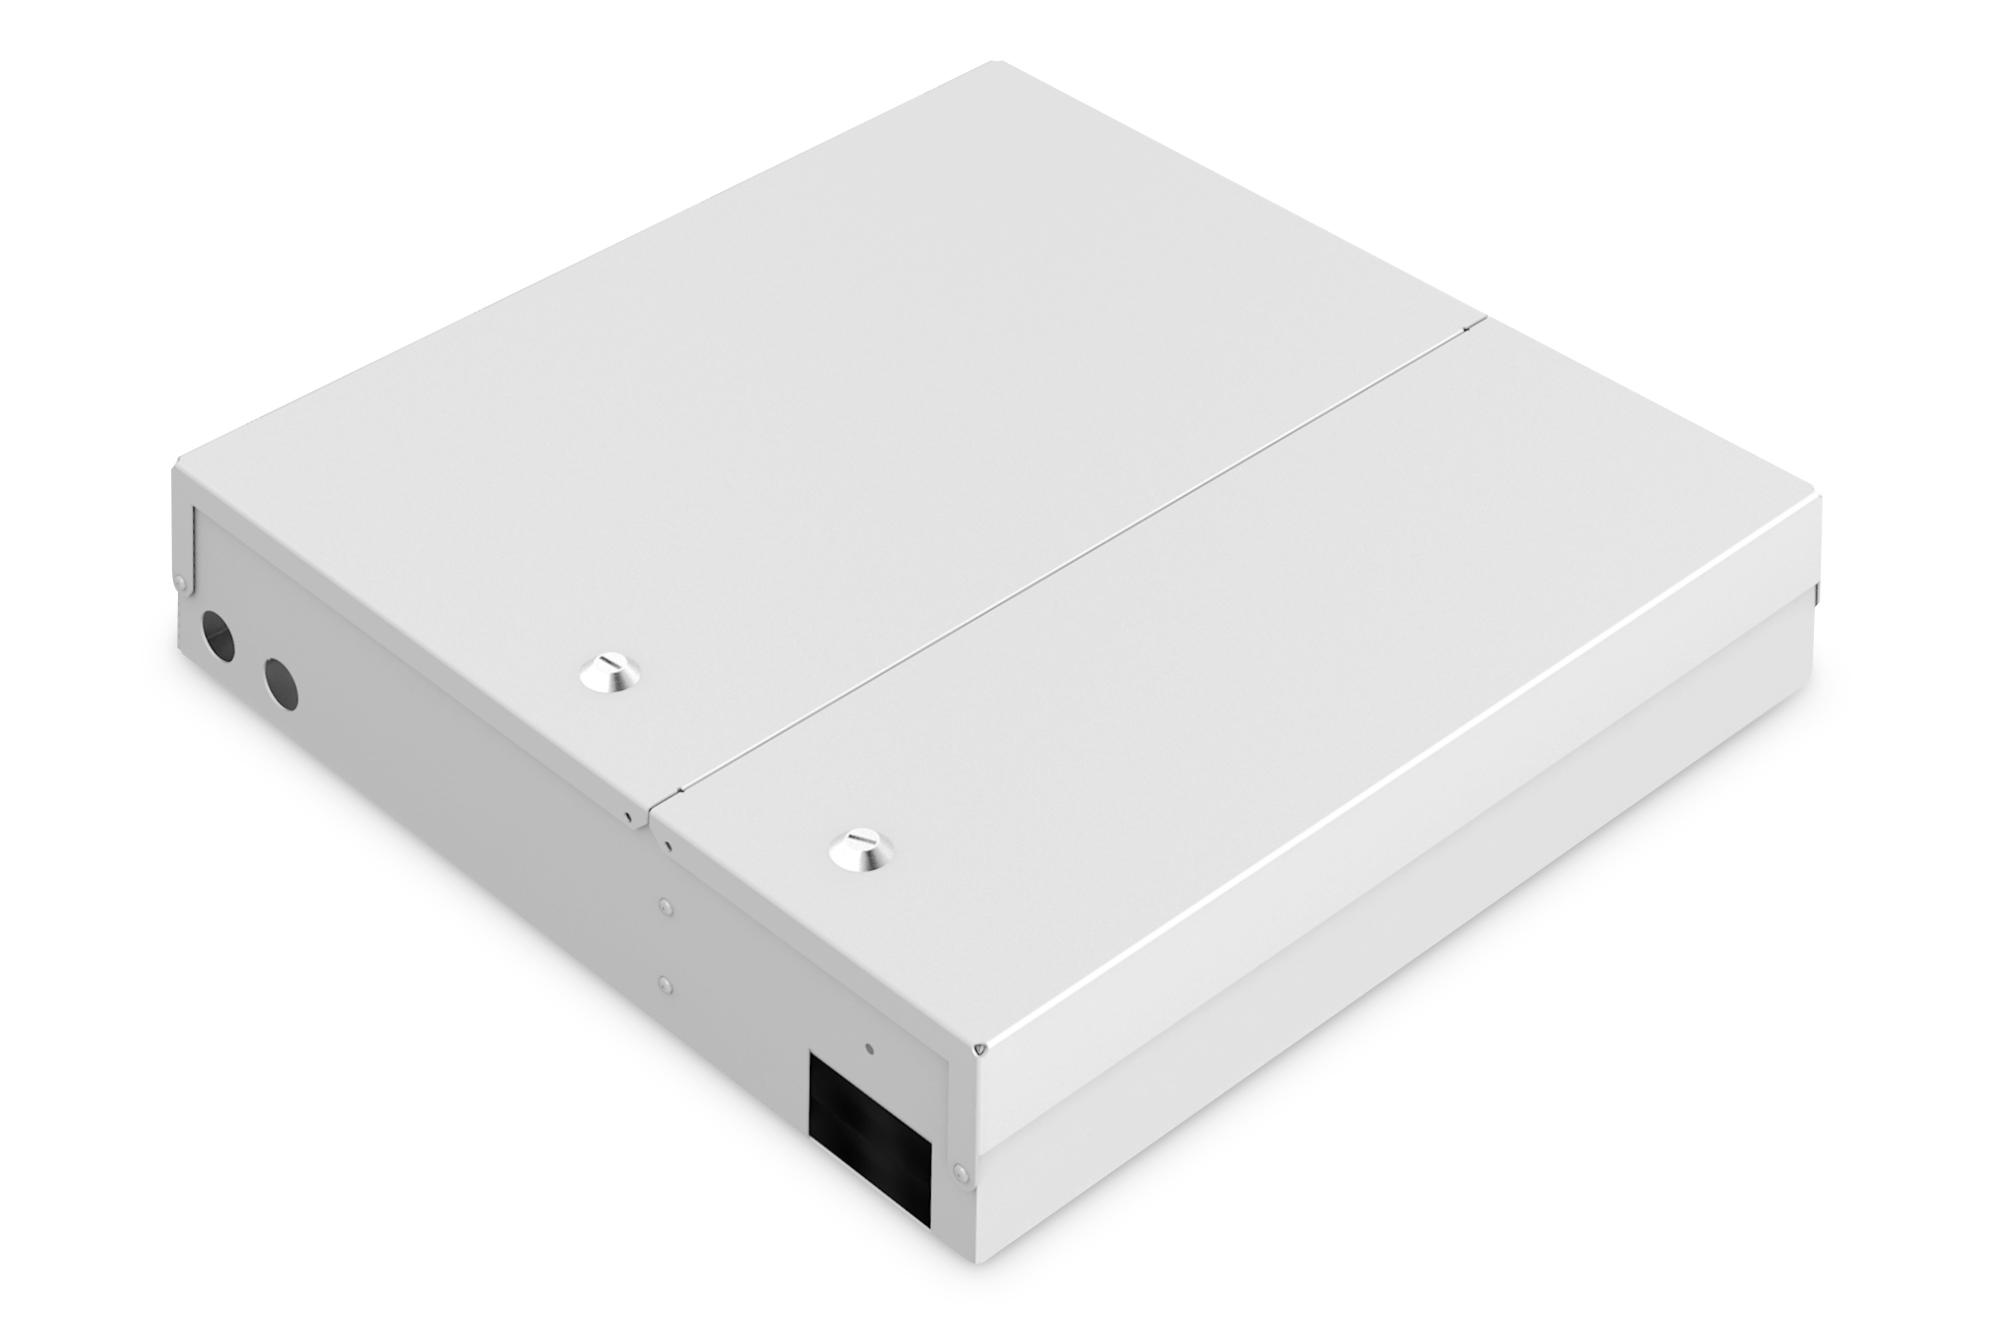 Digitus DN-96800L-2 network equipment enclosure